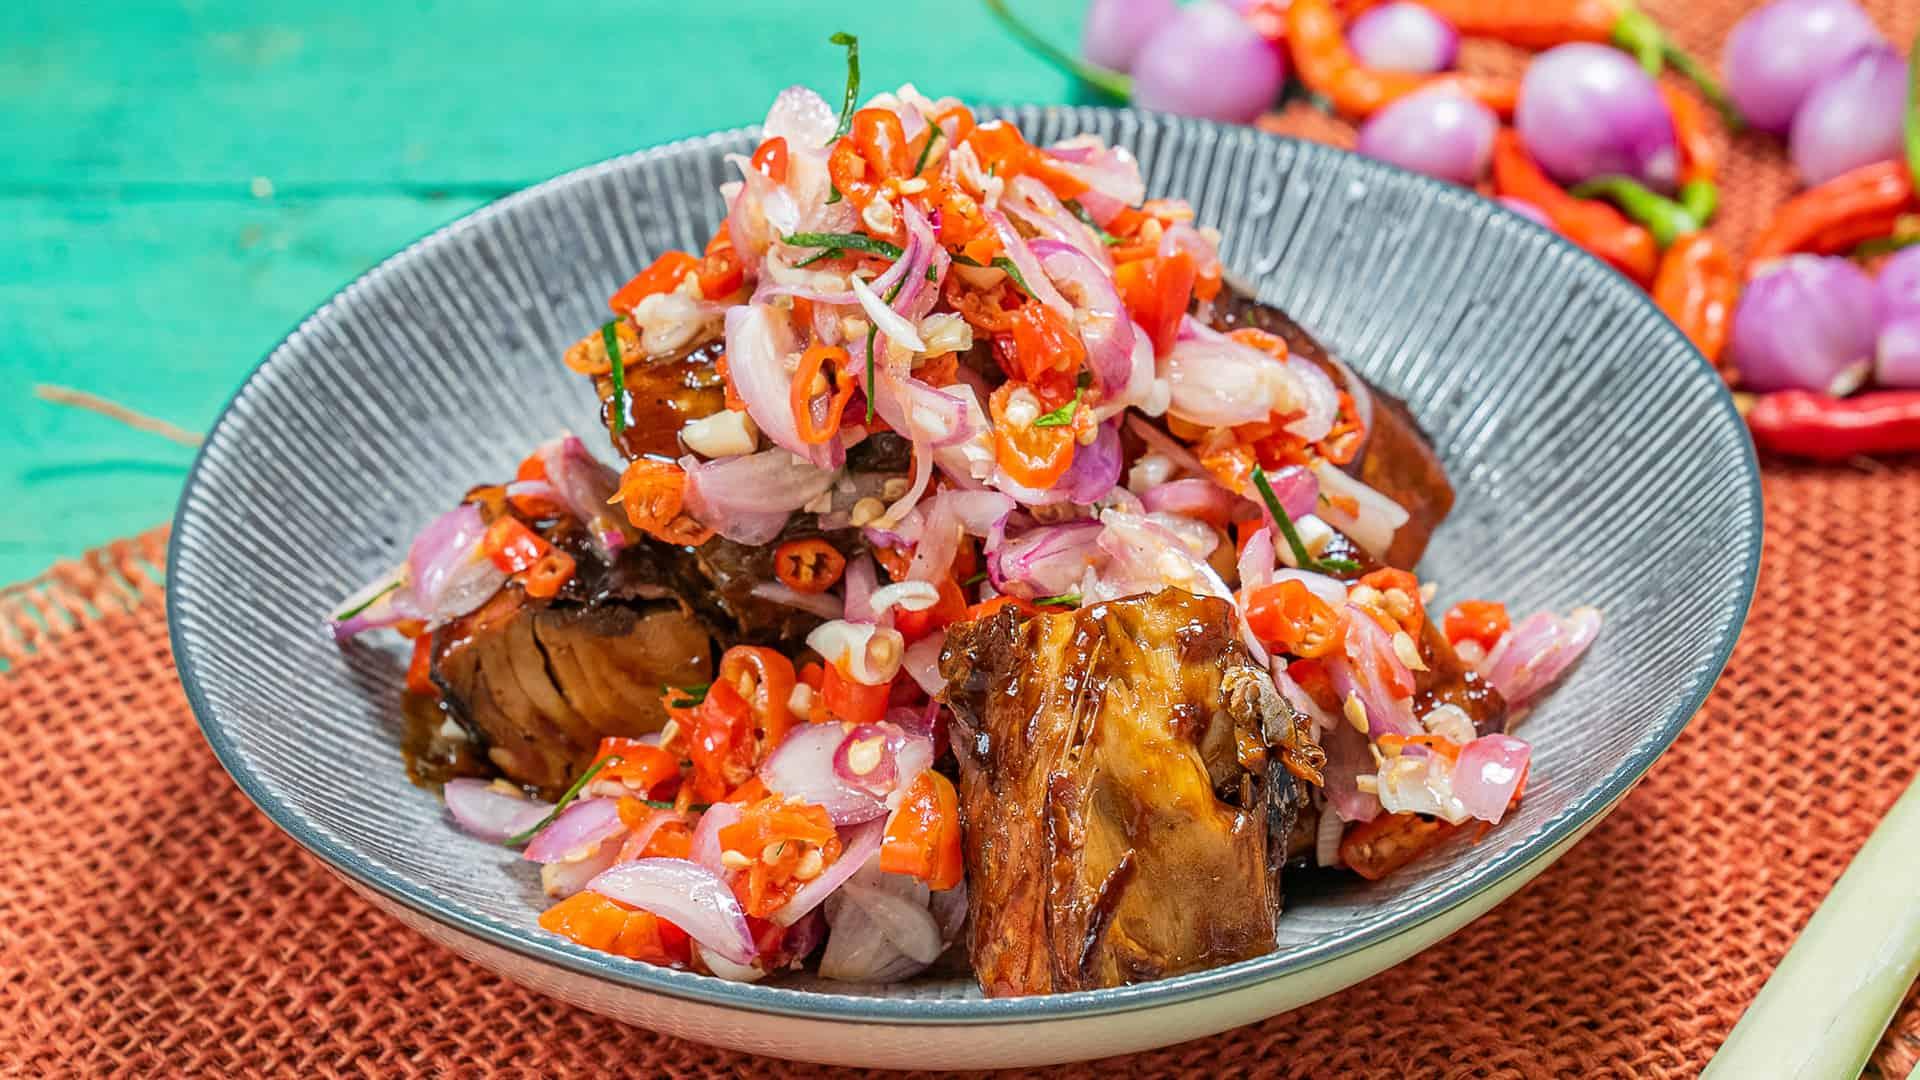 gambar makanan khas bali Ikan asap sambal matah